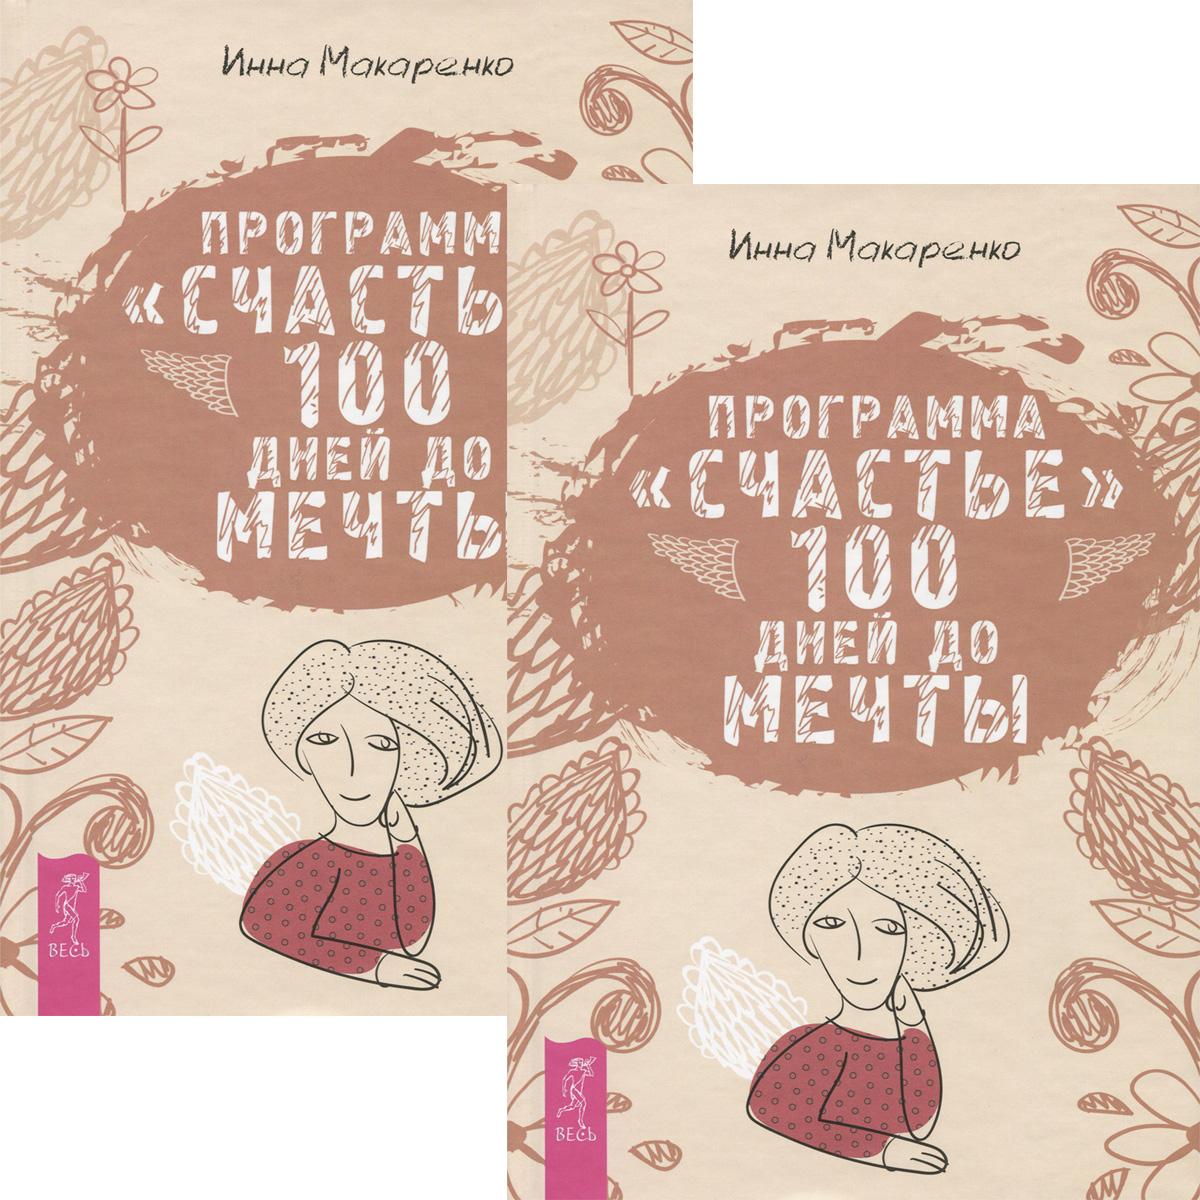 """Программа """"Счастье"""" . 100 дней до мечты (комплект из 2 книг)"""